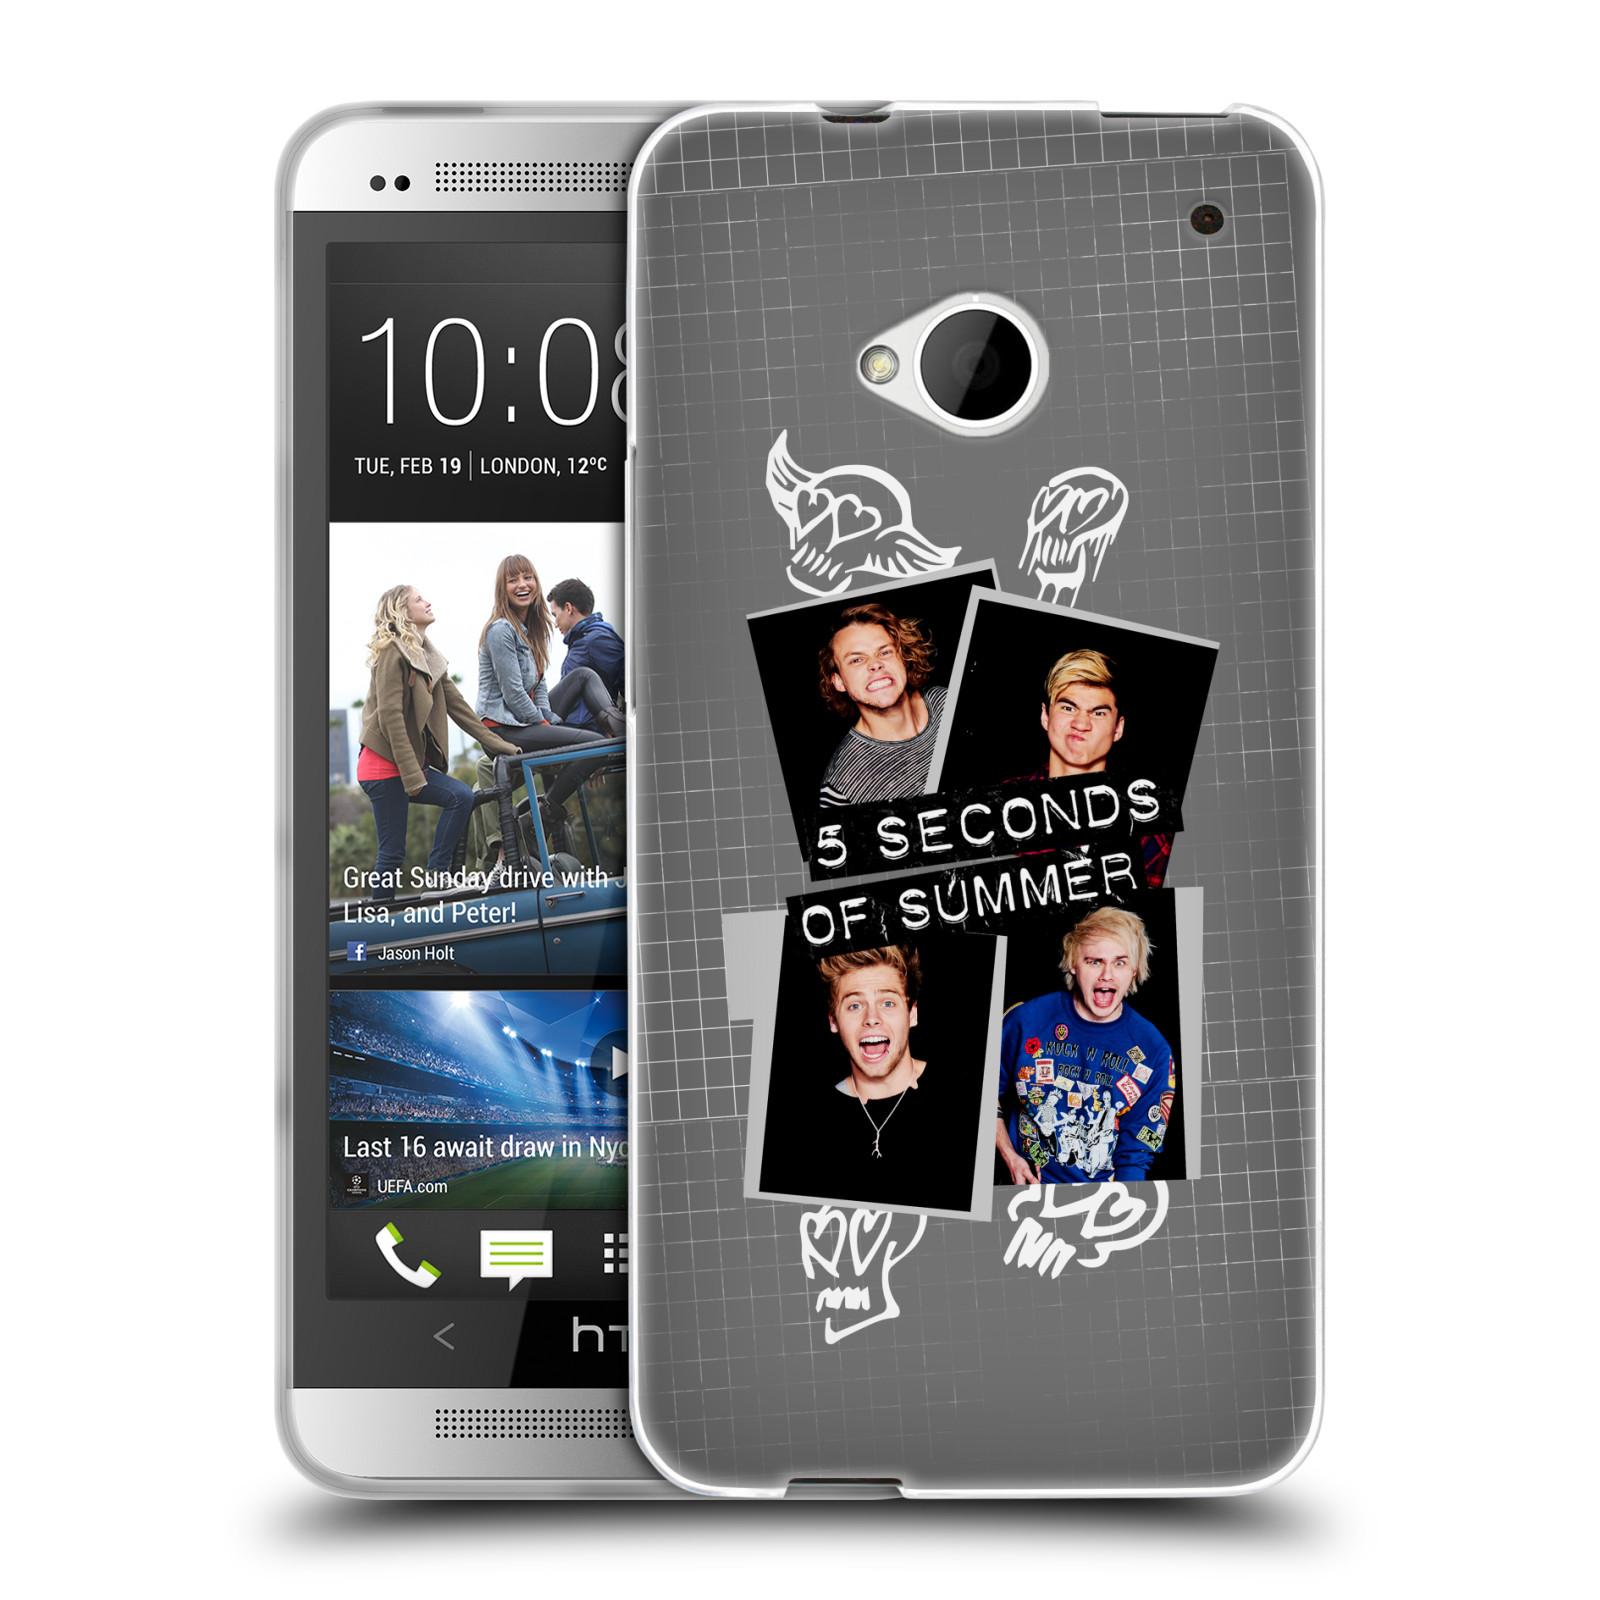 Silikonové pouzdro na mobil HTC ONE M7 HEAD CASE 5 Seconds of Summer - Band Grey (Silikonový kryt či obal na mobilní telefon licencovaným motivem 5 Seconds of Summer pro HTC ONE M7)